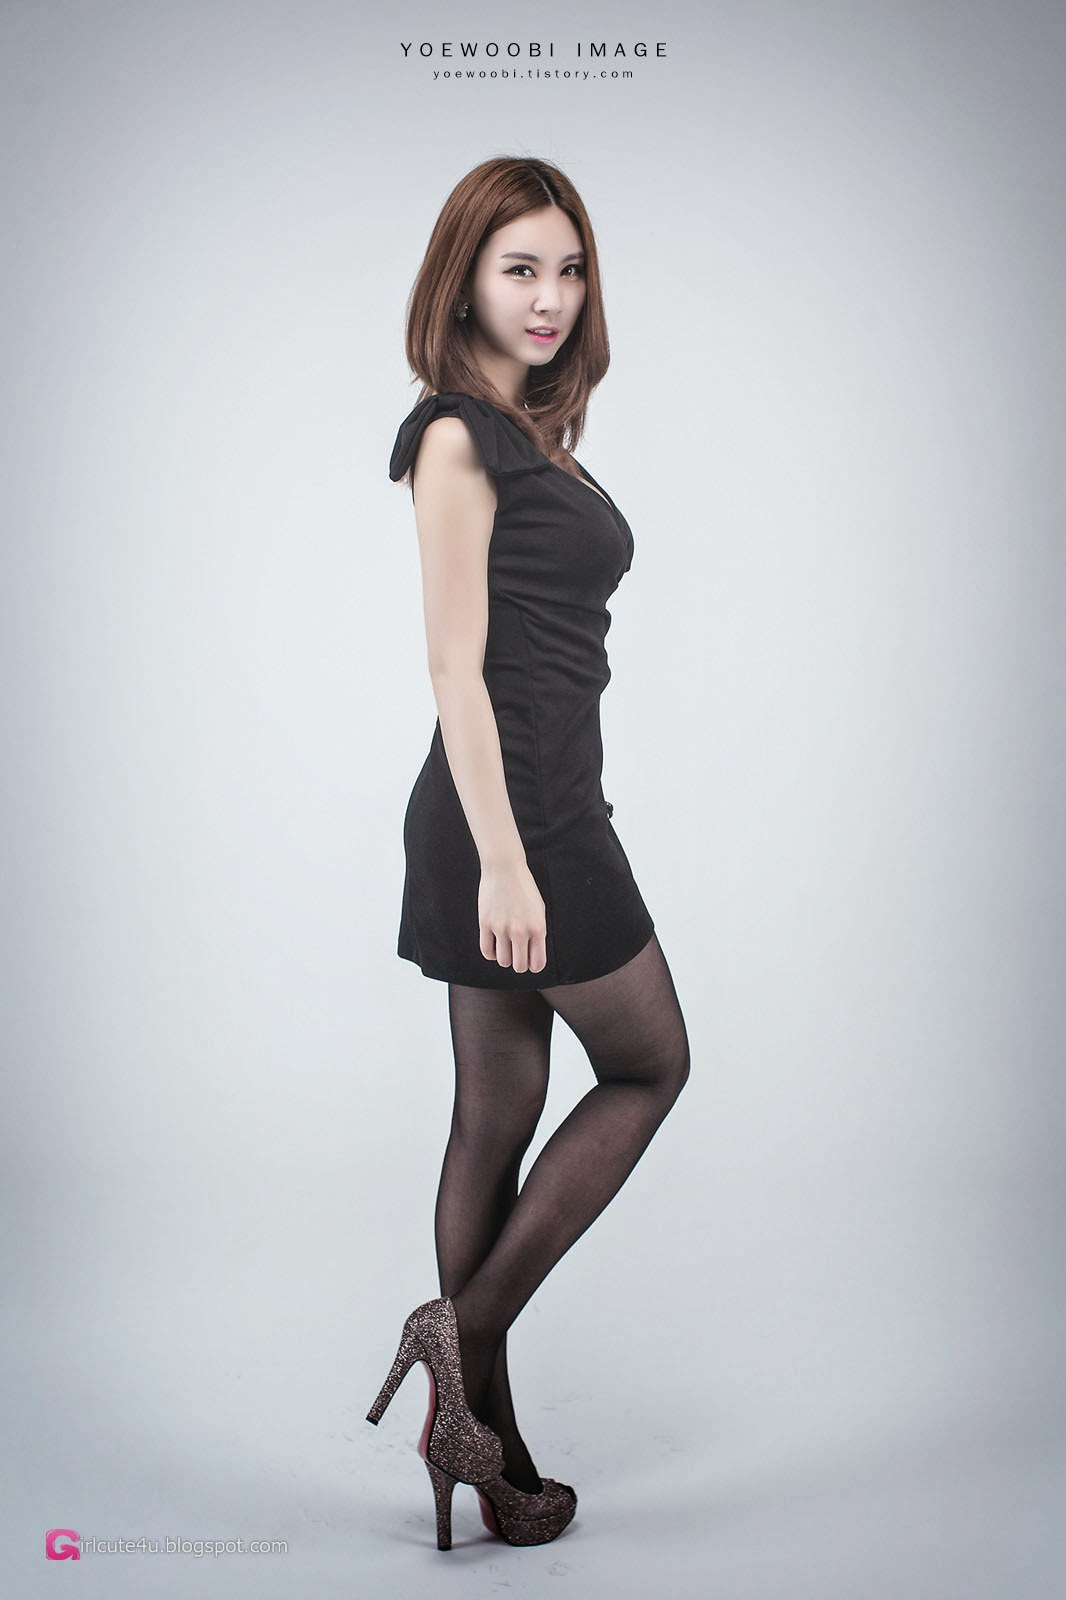 1 Lee Eun Yu - Little Black Dress - very cute asian girl-girlcute4u.blogspot.com